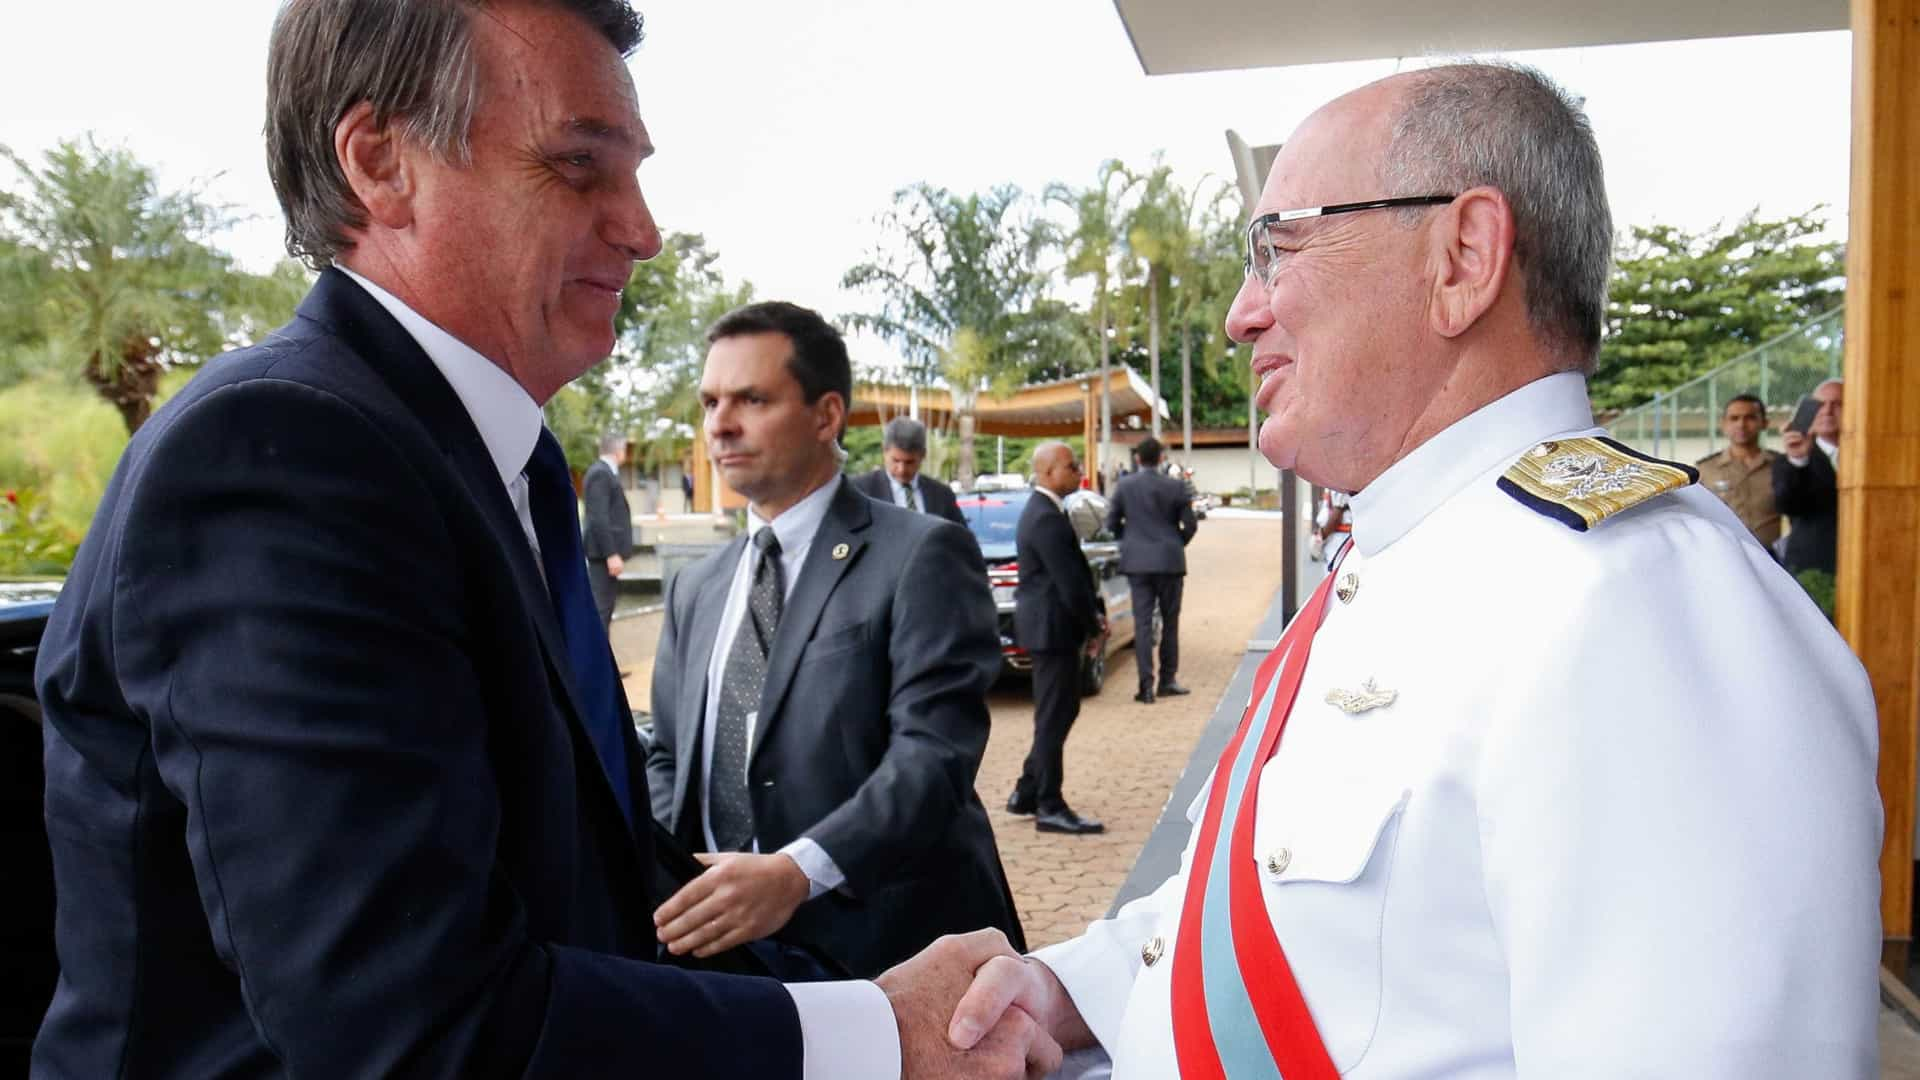 Almirante vai presidir conselho de administração da Petrobras